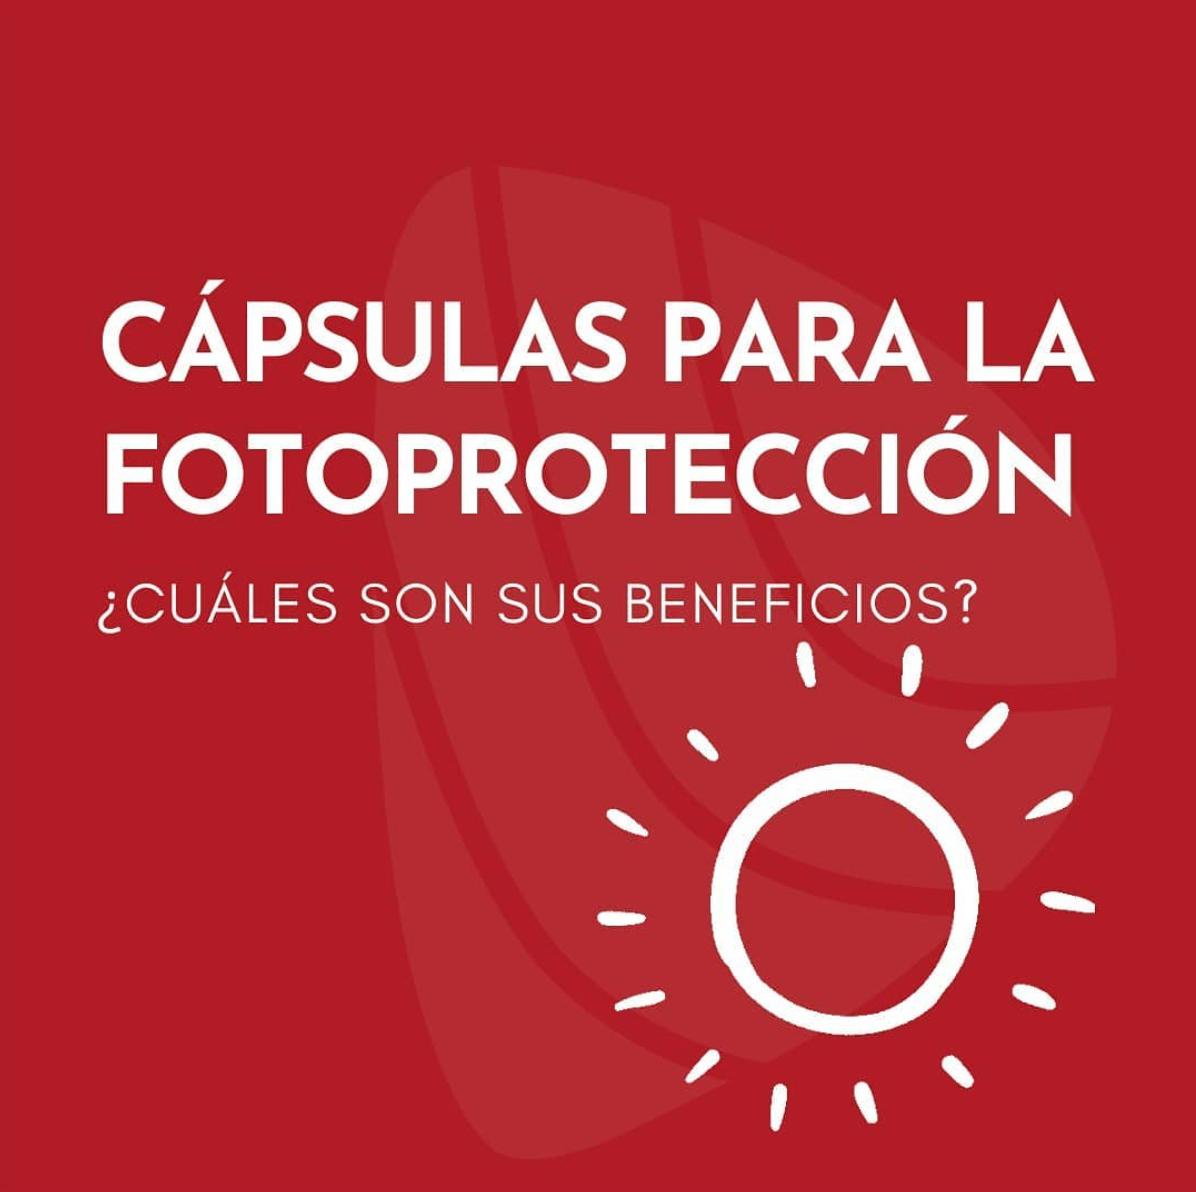 capsulas-para-la-fotoproteccion.png